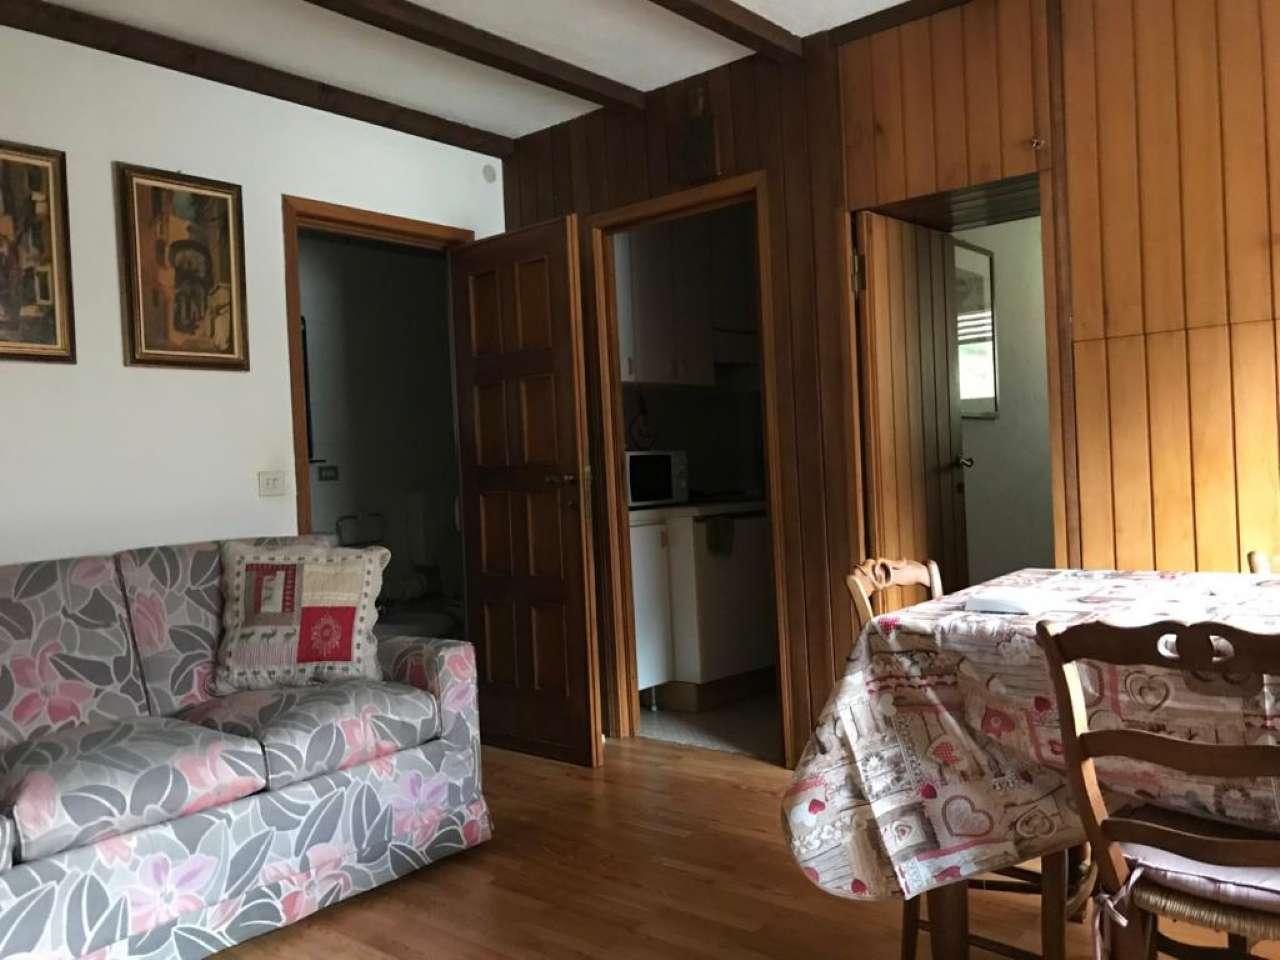 Appartamento in vendita a Courmayeur, 4 locali, prezzo € 260.000 | PortaleAgenzieImmobiliari.it